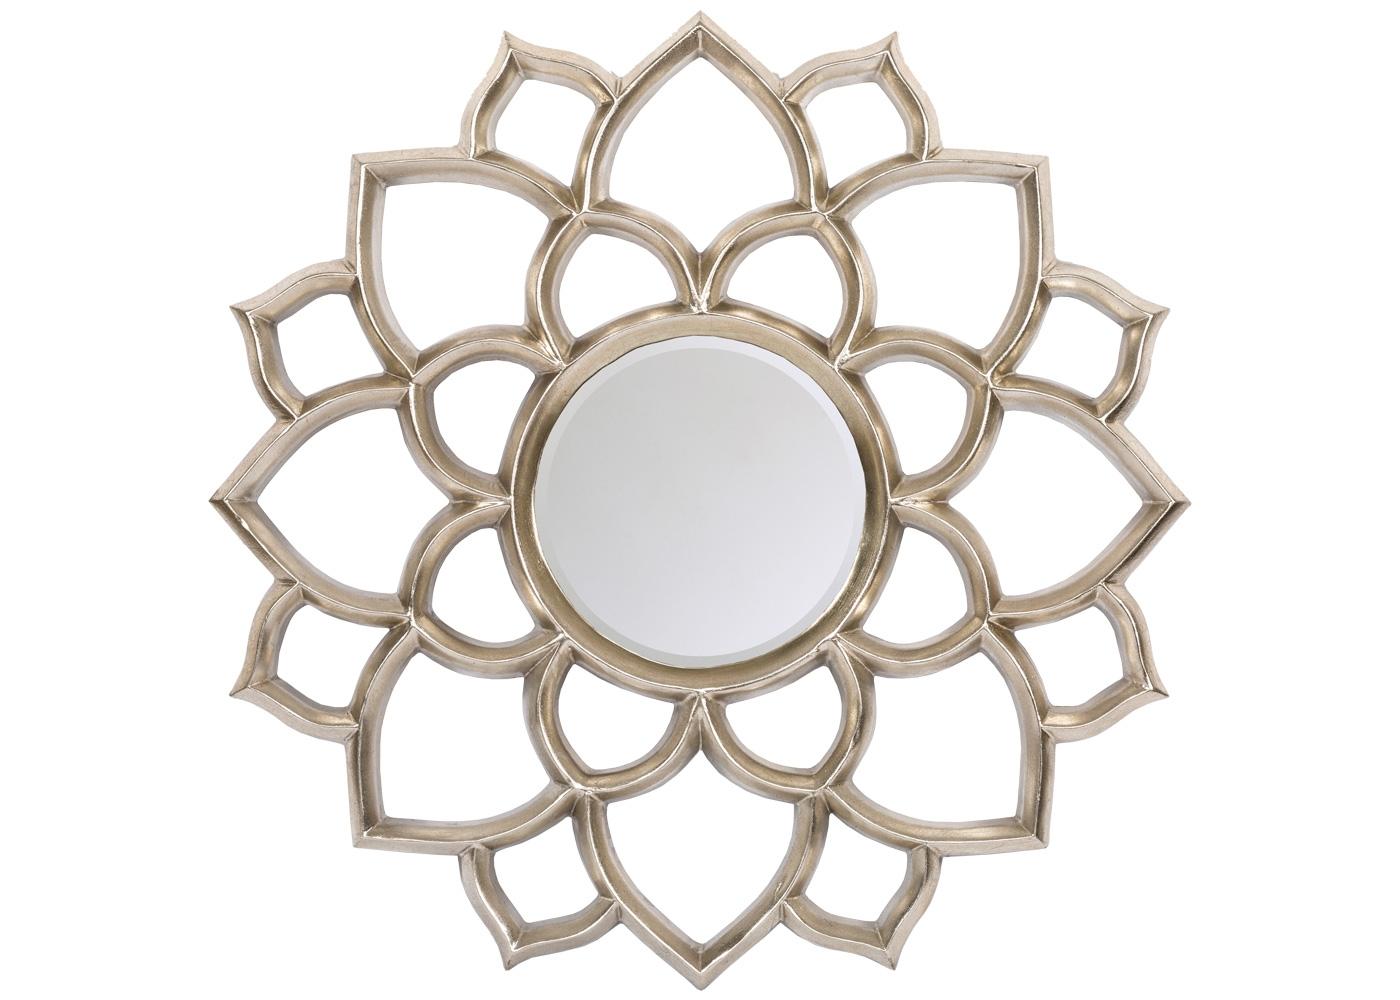 Настенное зеркало «Саммервилл»Настенные зеркала<br>Зеркало &amp;quot;Саммервилл&amp;quot; радует глаз платиновым оттенком рамы и дизайном, старательно обводящим природную форму георгина. Зеркальное ядро окружено фацетной гранью, подчеркивающей легкость дизайна. Прозрачный орнамент одинаково хорош и для цветных обоев, и для однотонных стен. Рама изготовлена из полиуретана, который достоверно имитирует любые материалы. На первый взгляд, оправа &amp;quot;Саммервилл&amp;quot; не отличается от металлической<br><br>Material: Полиуретан<br>Ширина см: 90.0<br>Высота см: 90.0<br>Глубина см: 4.0